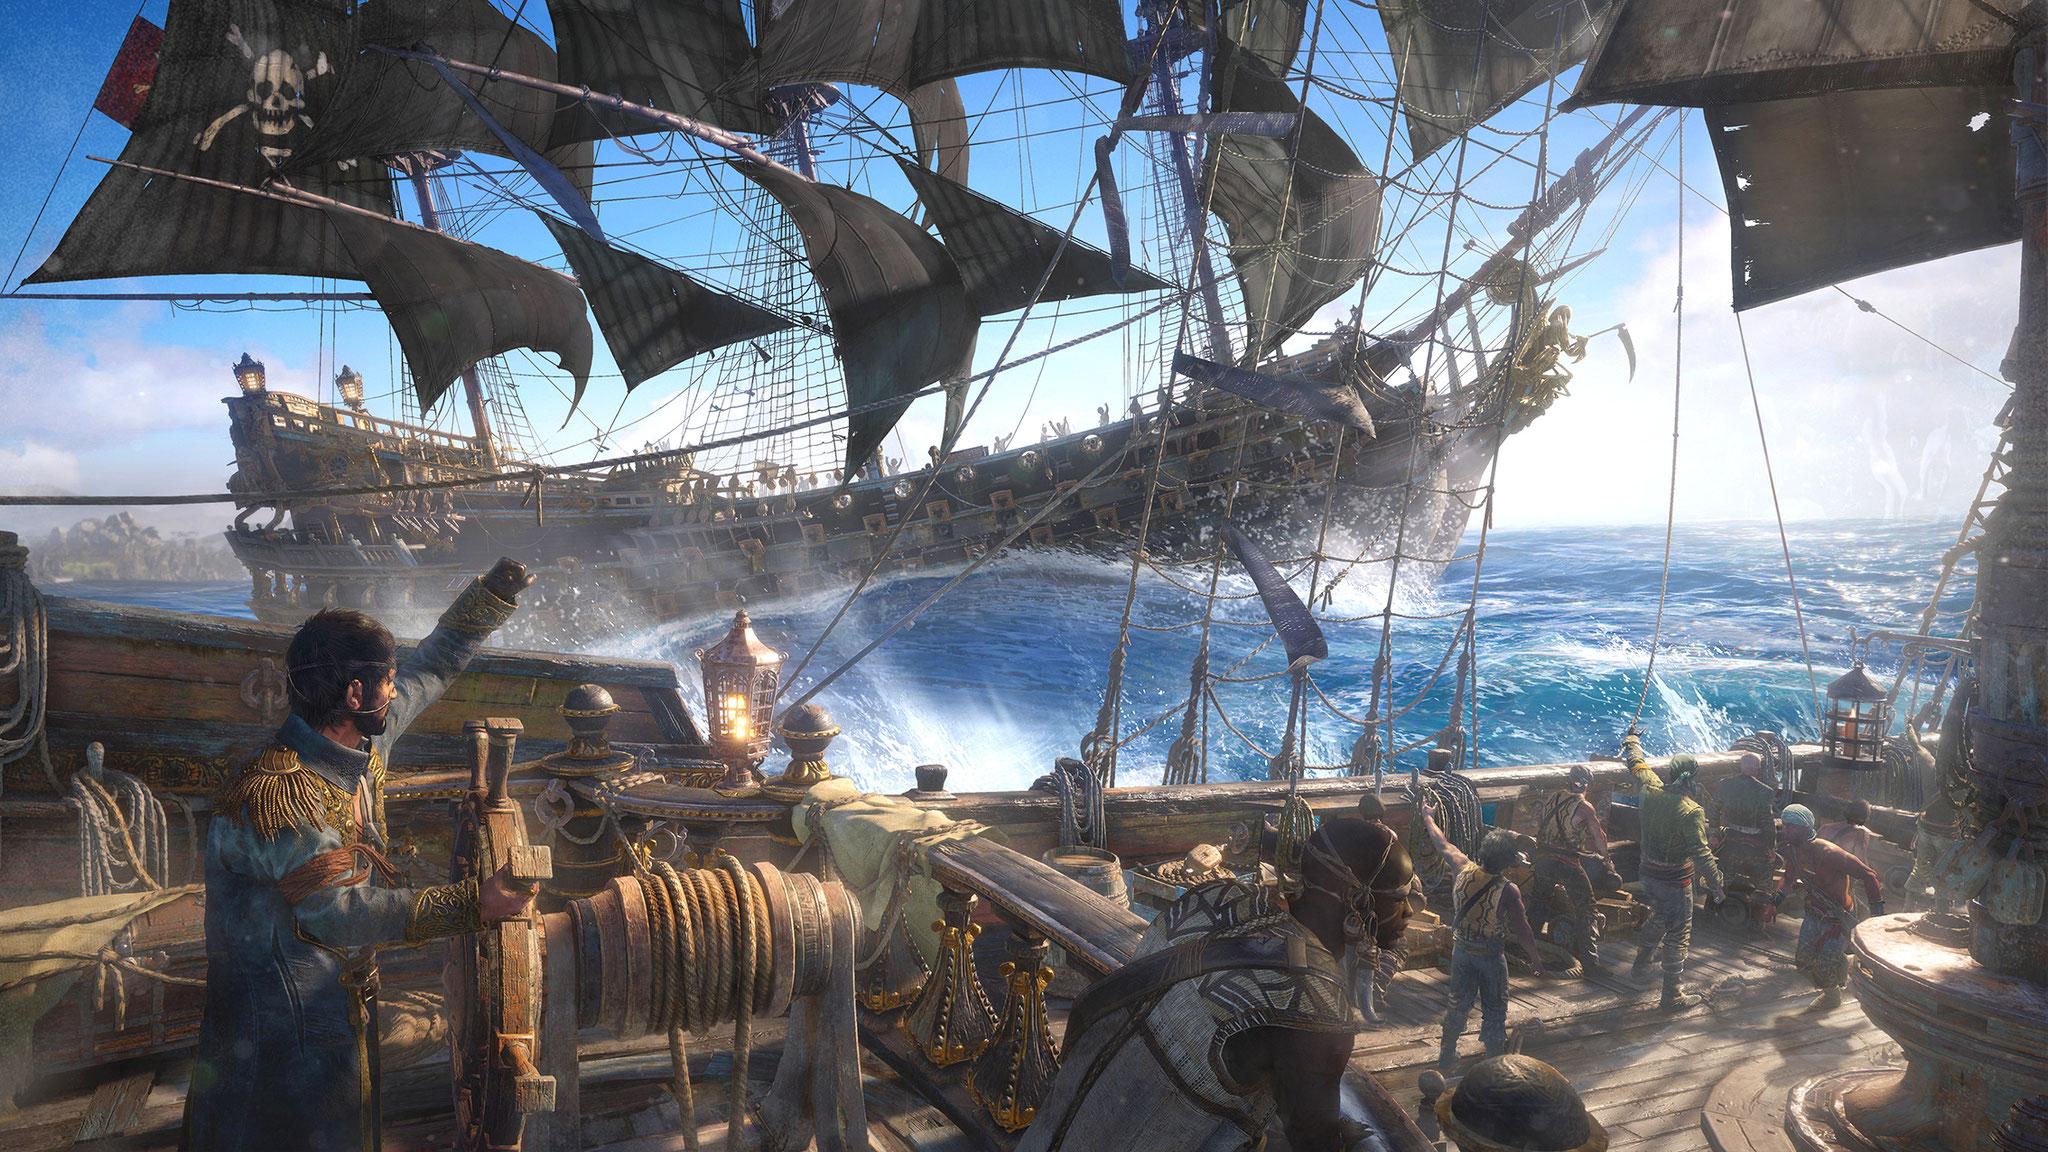 """Der nächste mutmaßliche """"Atlas""""-Nebenbuhler hatte noch immer keinen Stapellauf: Bei """"Skull & Bones"""" ist die Piraten-Crew nur visuelle Staffage, denn in Ubisofts See-Gefechten dreht sich alles nur um Schiffe. Landgänge oder gar Schatzsuchen? Fehlanzeige"""